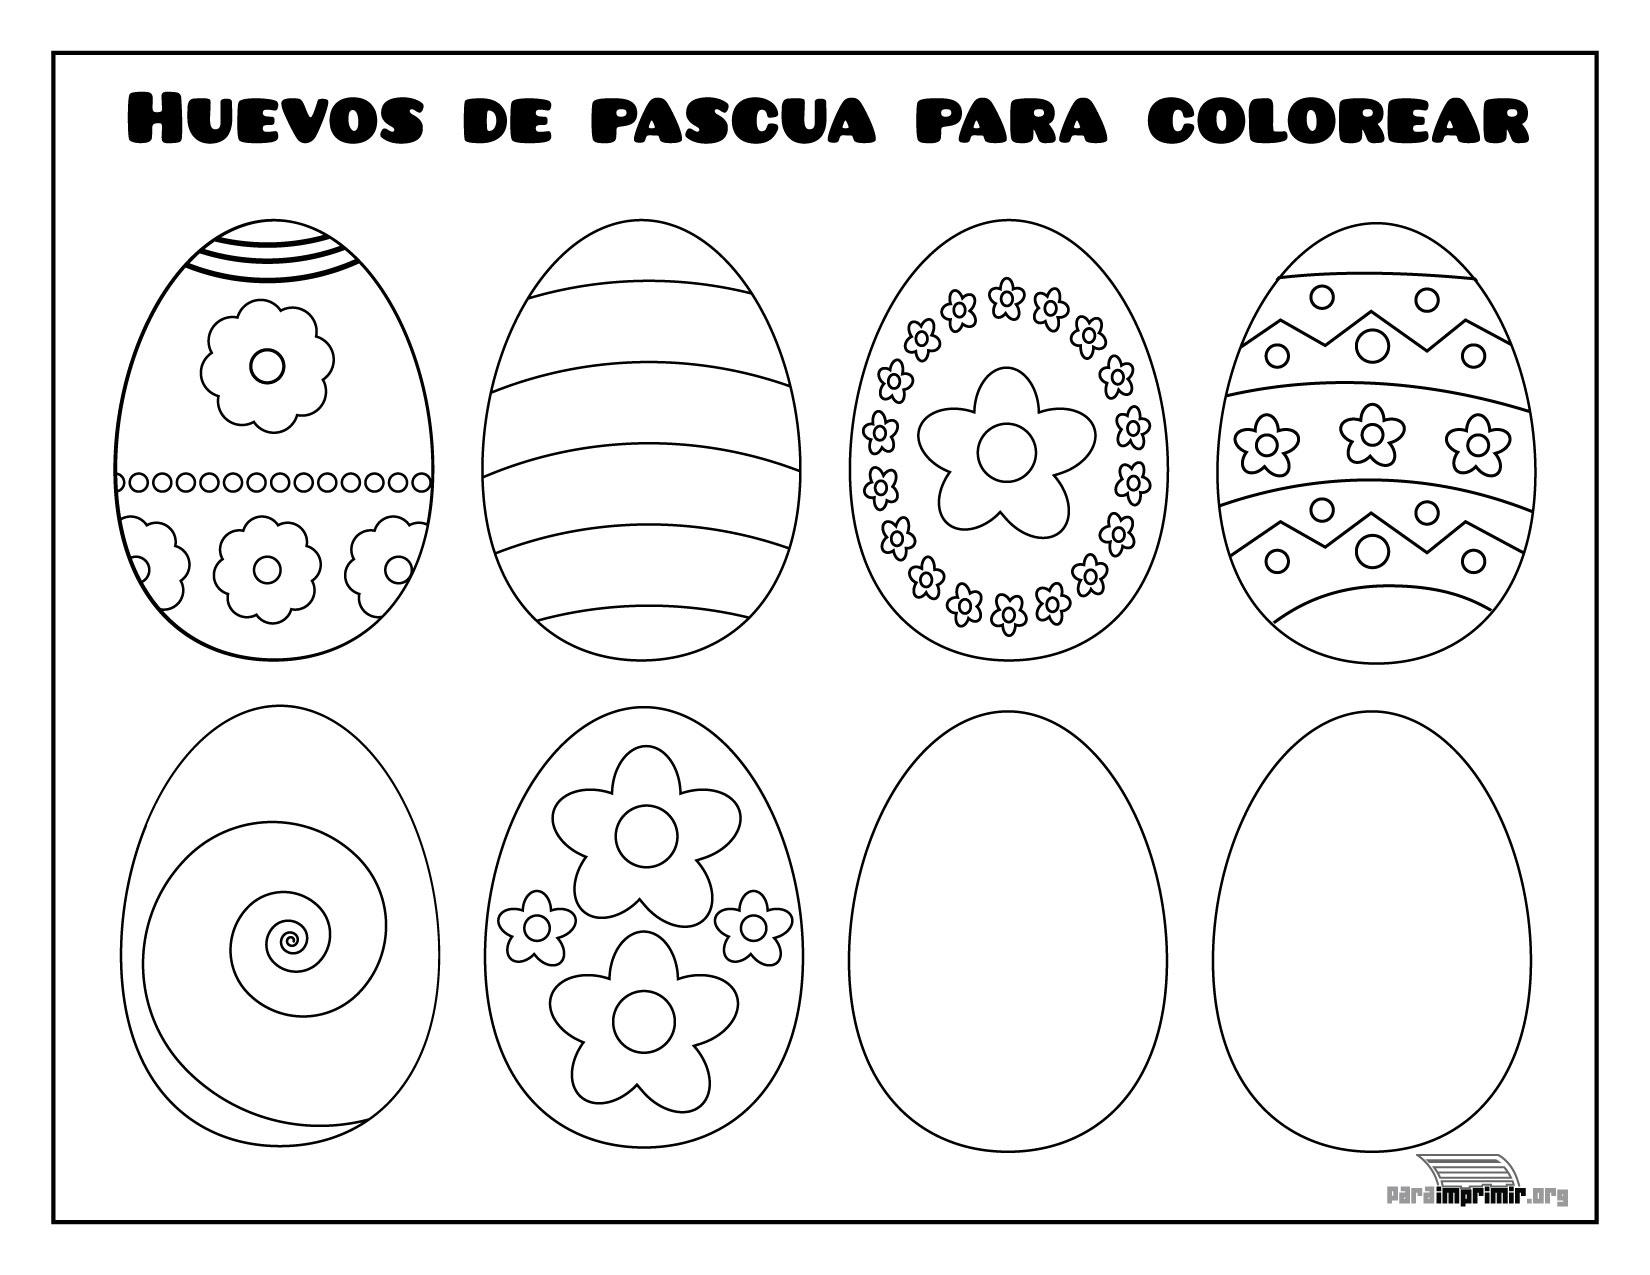 Huevos de pascua para colorear y para imprimir